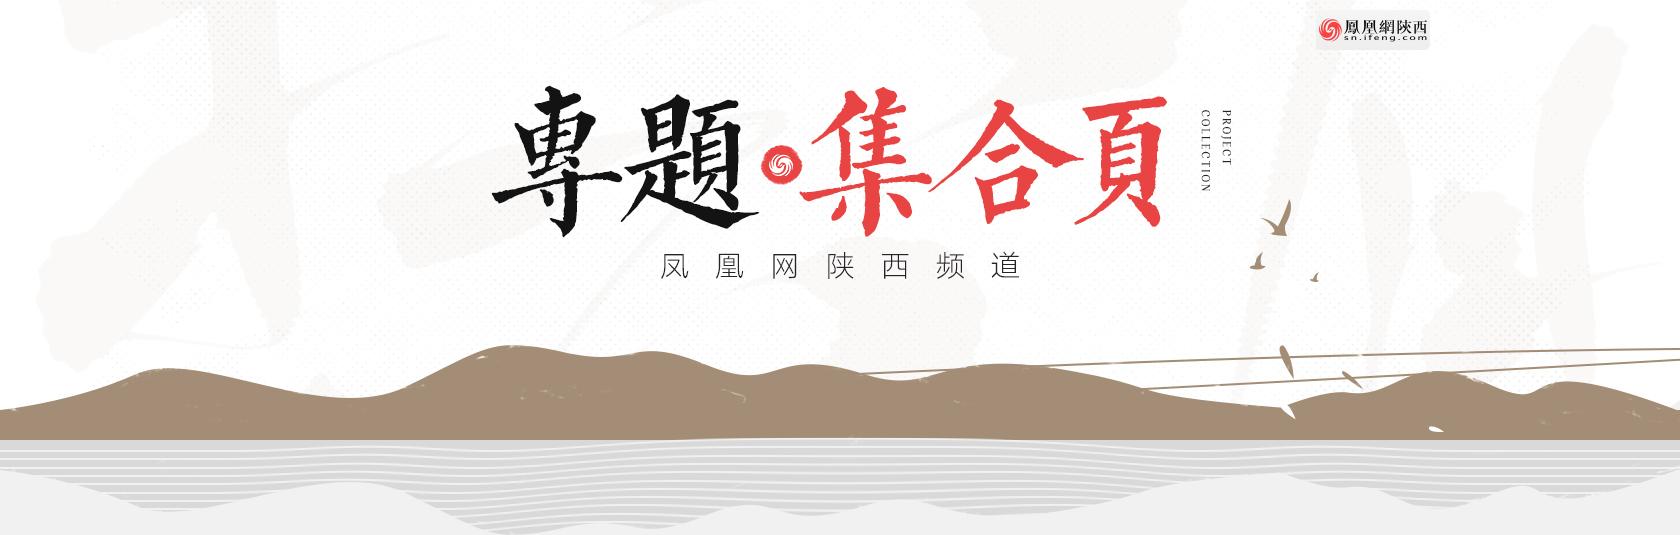 專題頻道banner